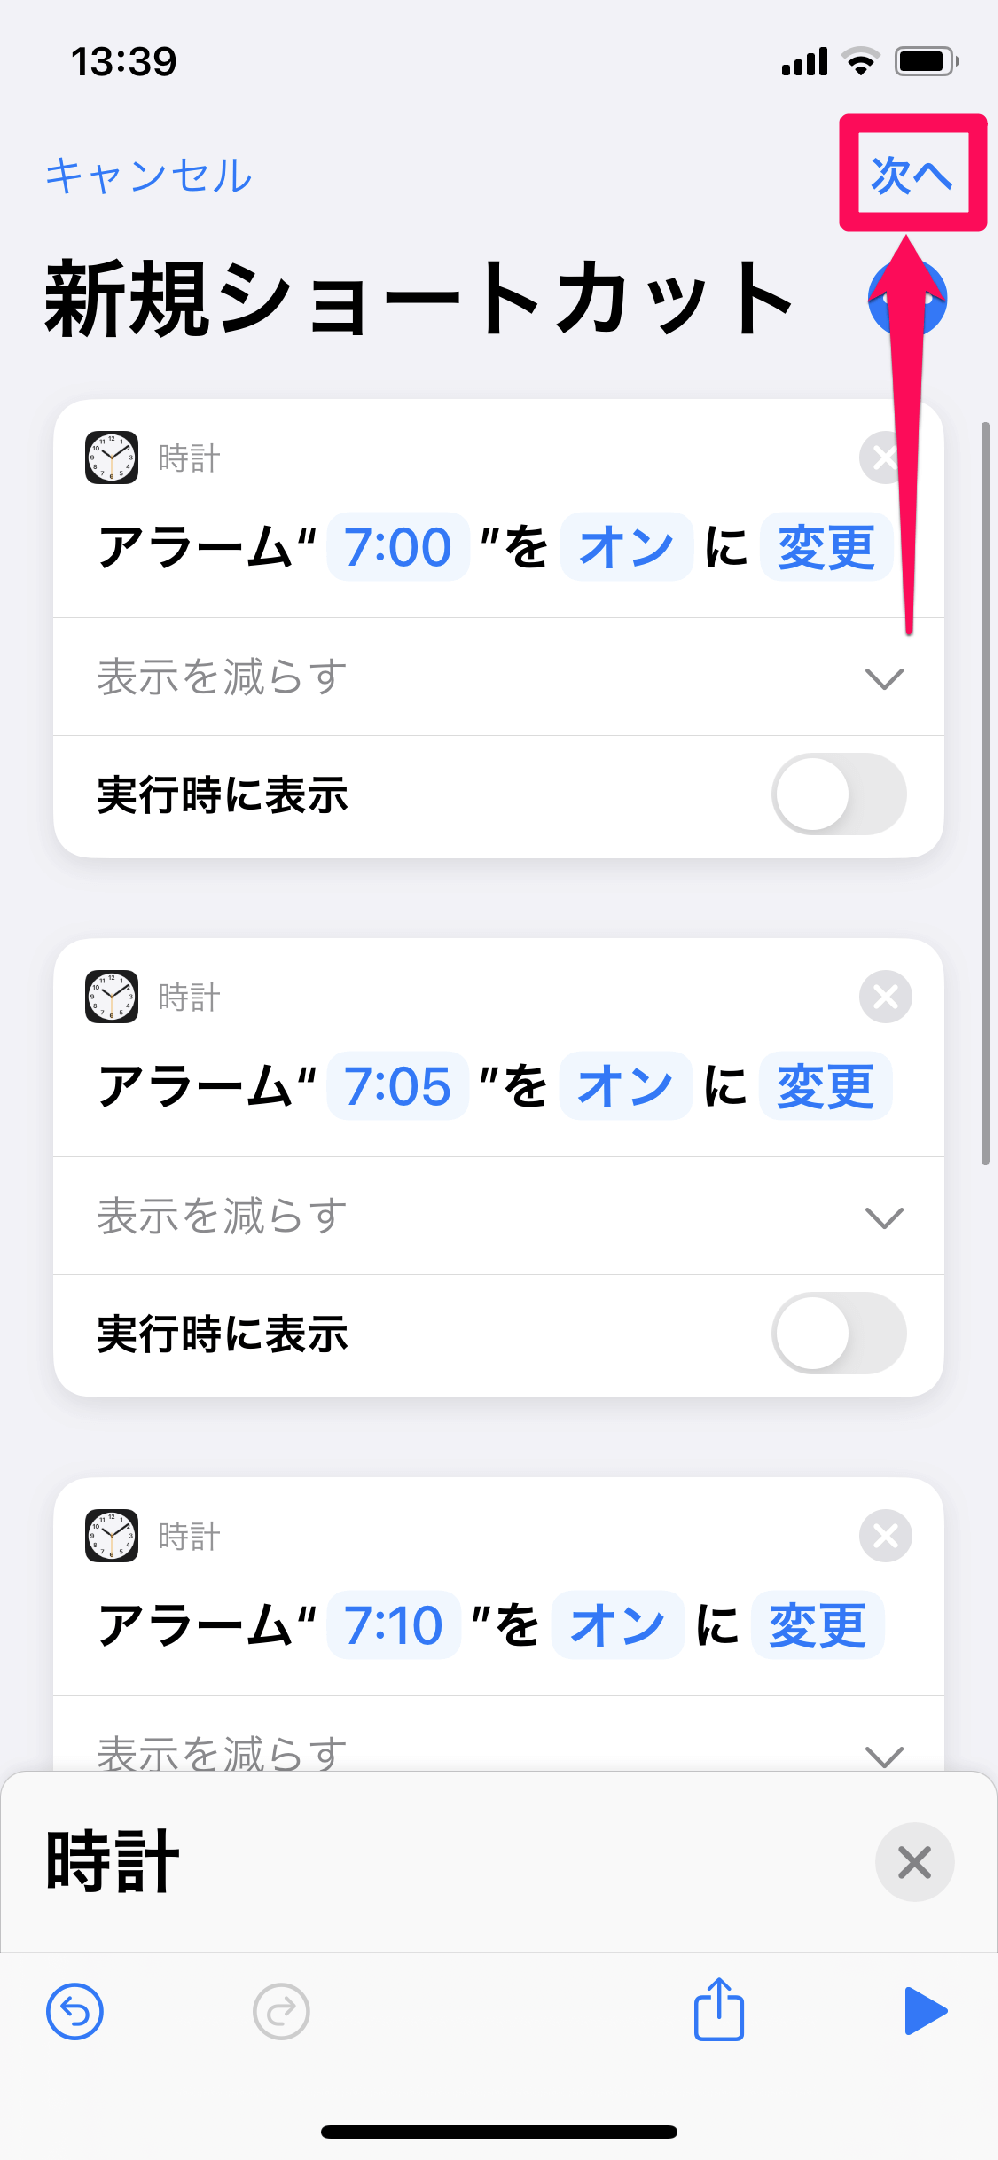 iPhoneのショートカットで複数個のアラームをセットする方法。実行時の通知も非表示にできる